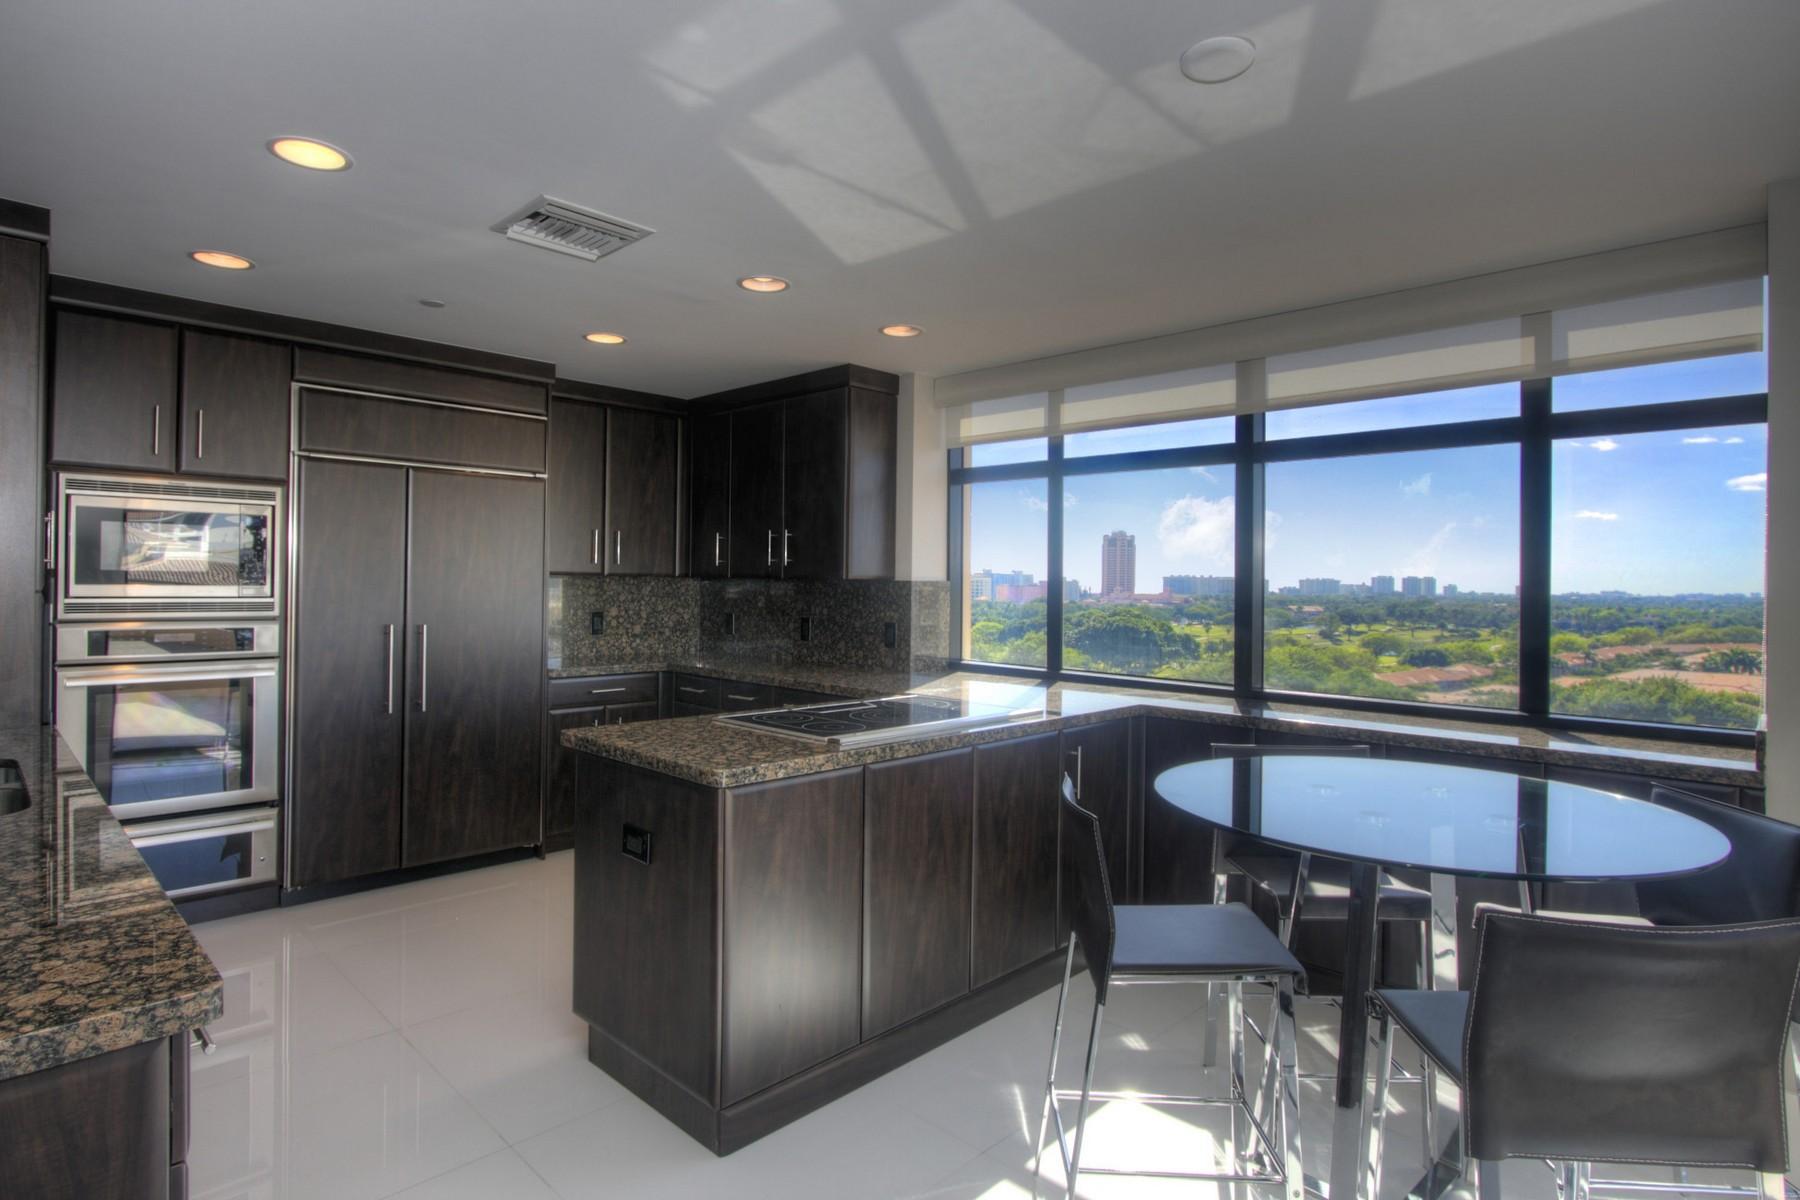 sales property at 200 E Palmetto Park Rd , Ph-2, Boca Raton, FL 3343